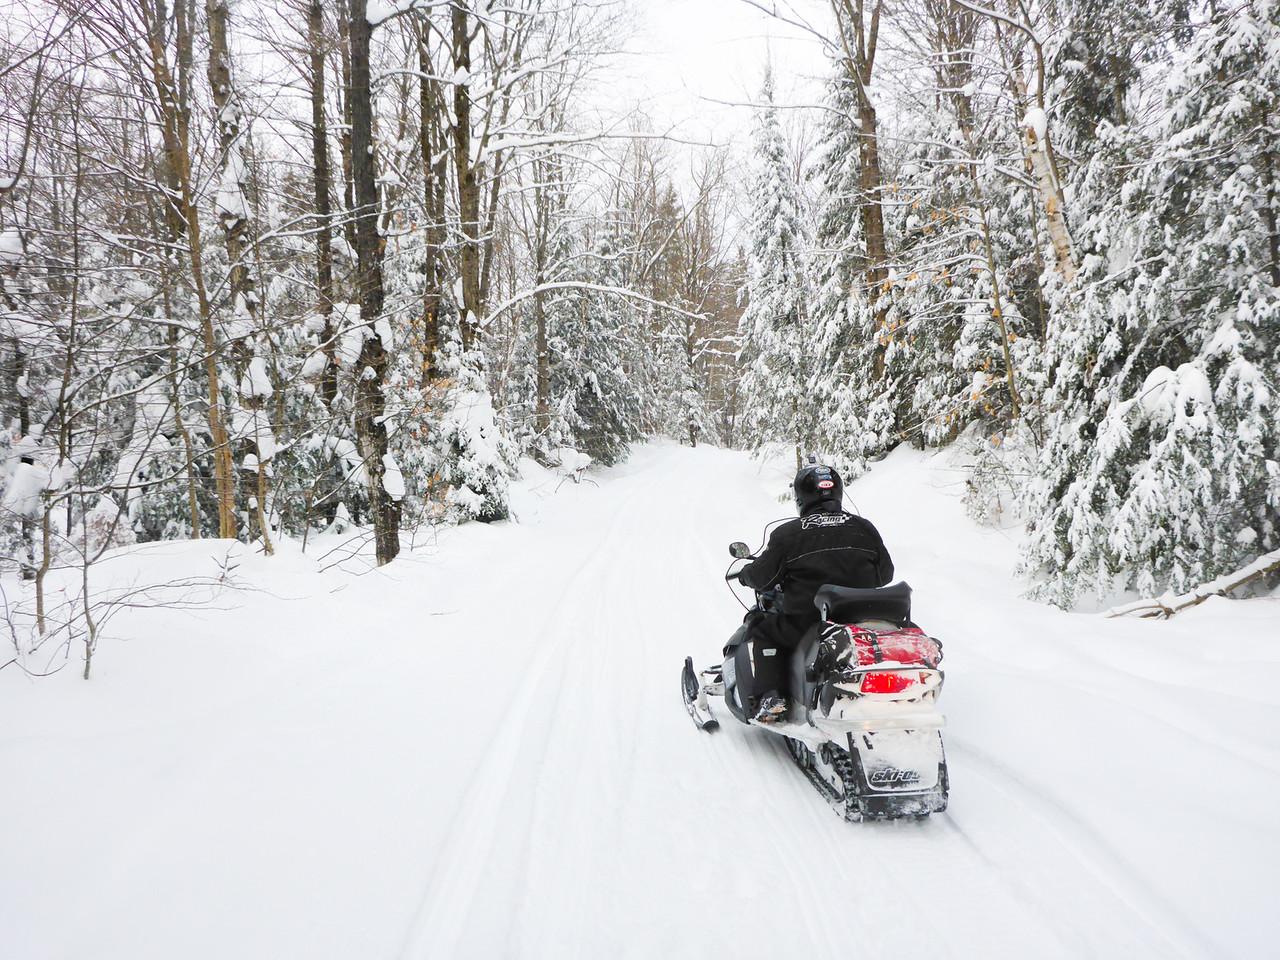 Snowmobiling-sir-sams-haliburton